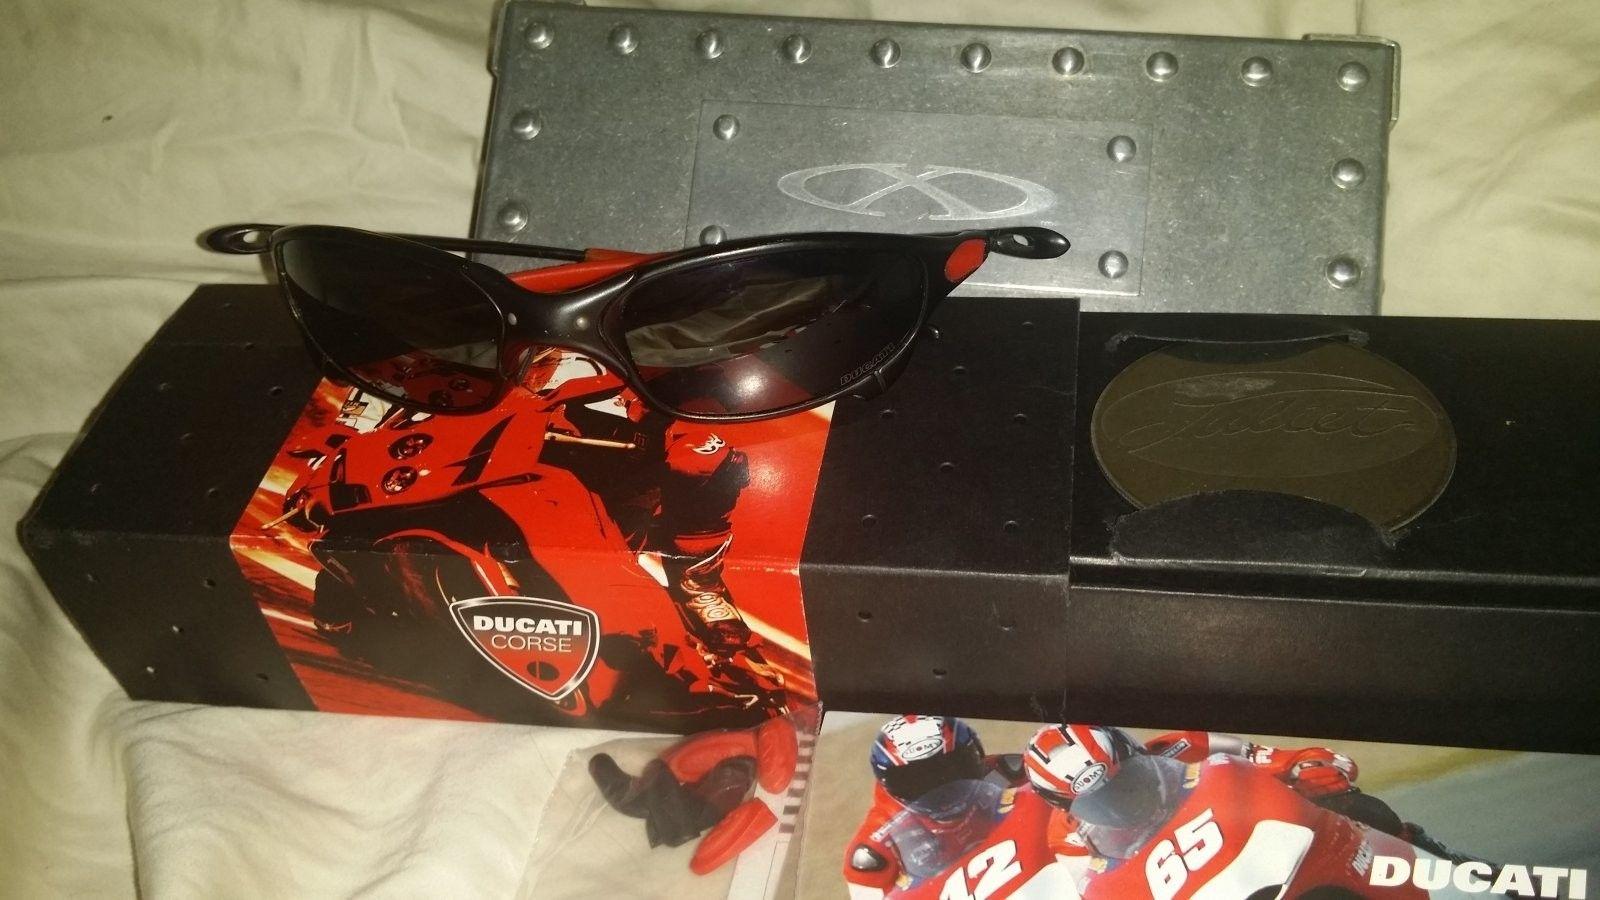 My First Pair Xmetals 1 Gen Juliet Ducati Carbon - 20140604_215054.jpg